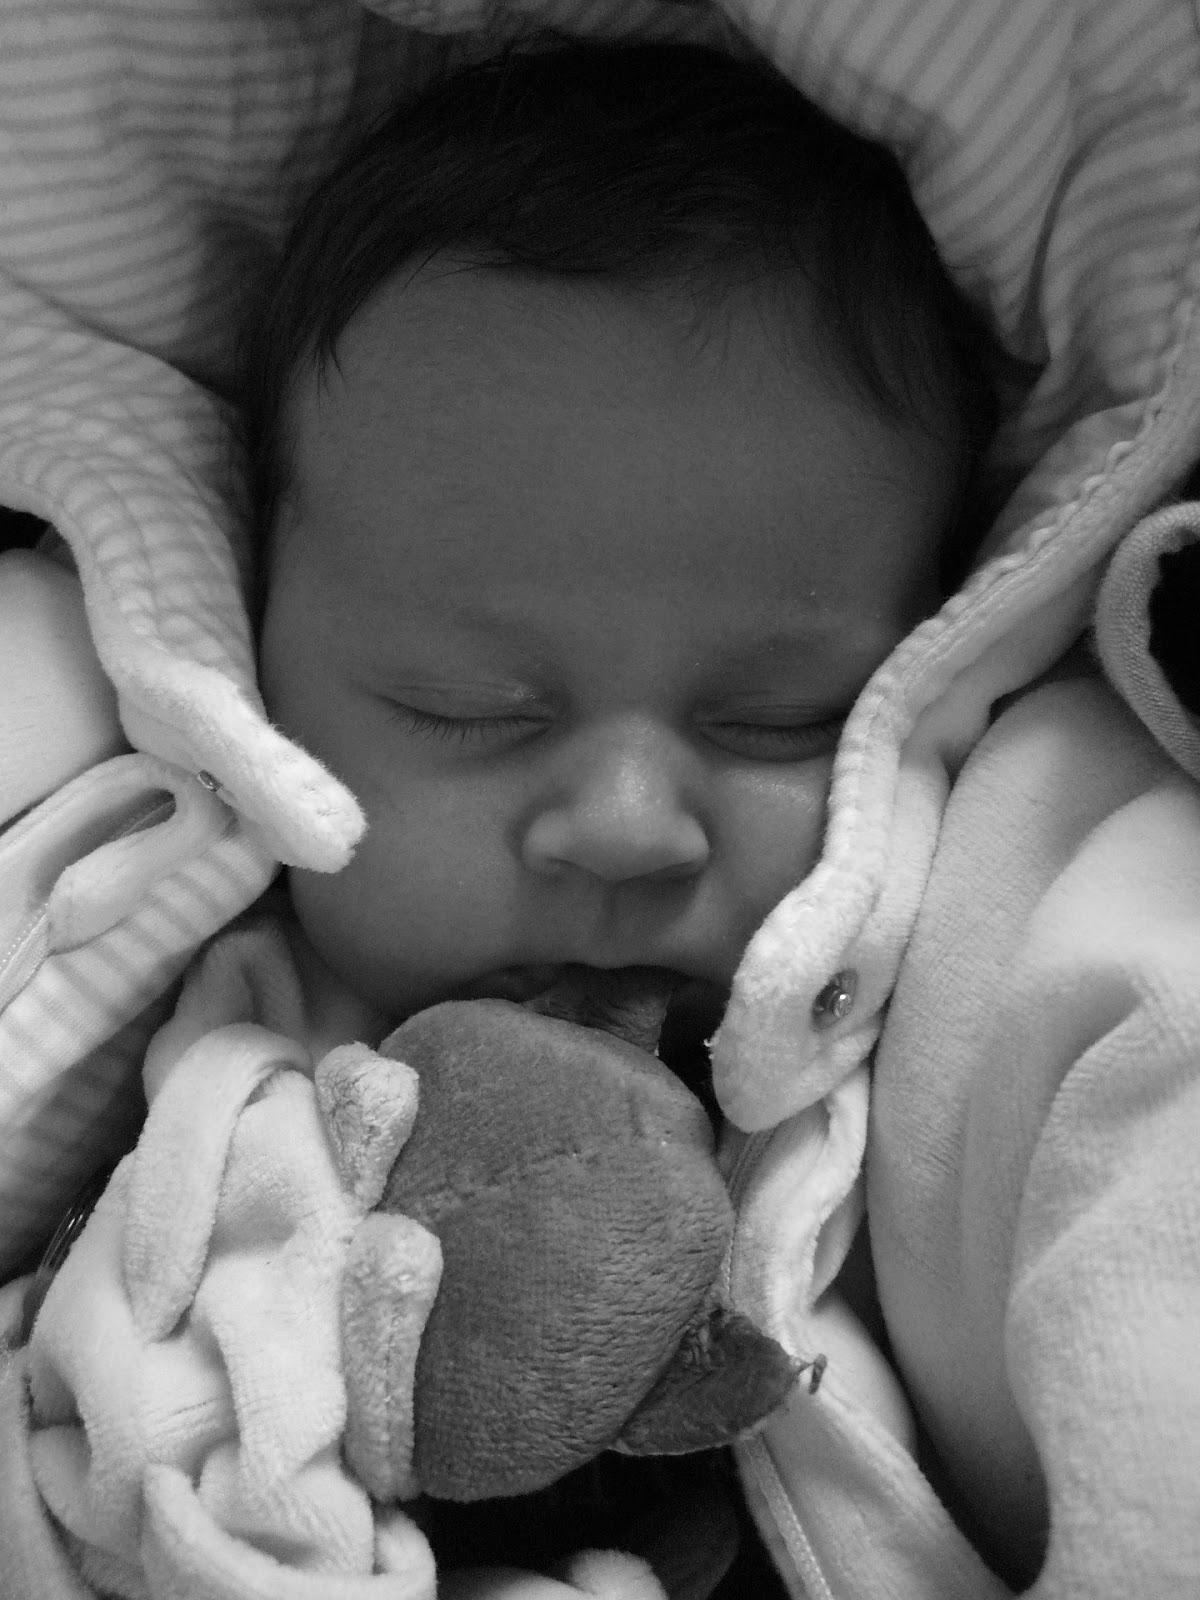 babyschlafsack test sicher und schadstofffrei laut kotest. Black Bedroom Furniture Sets. Home Design Ideas